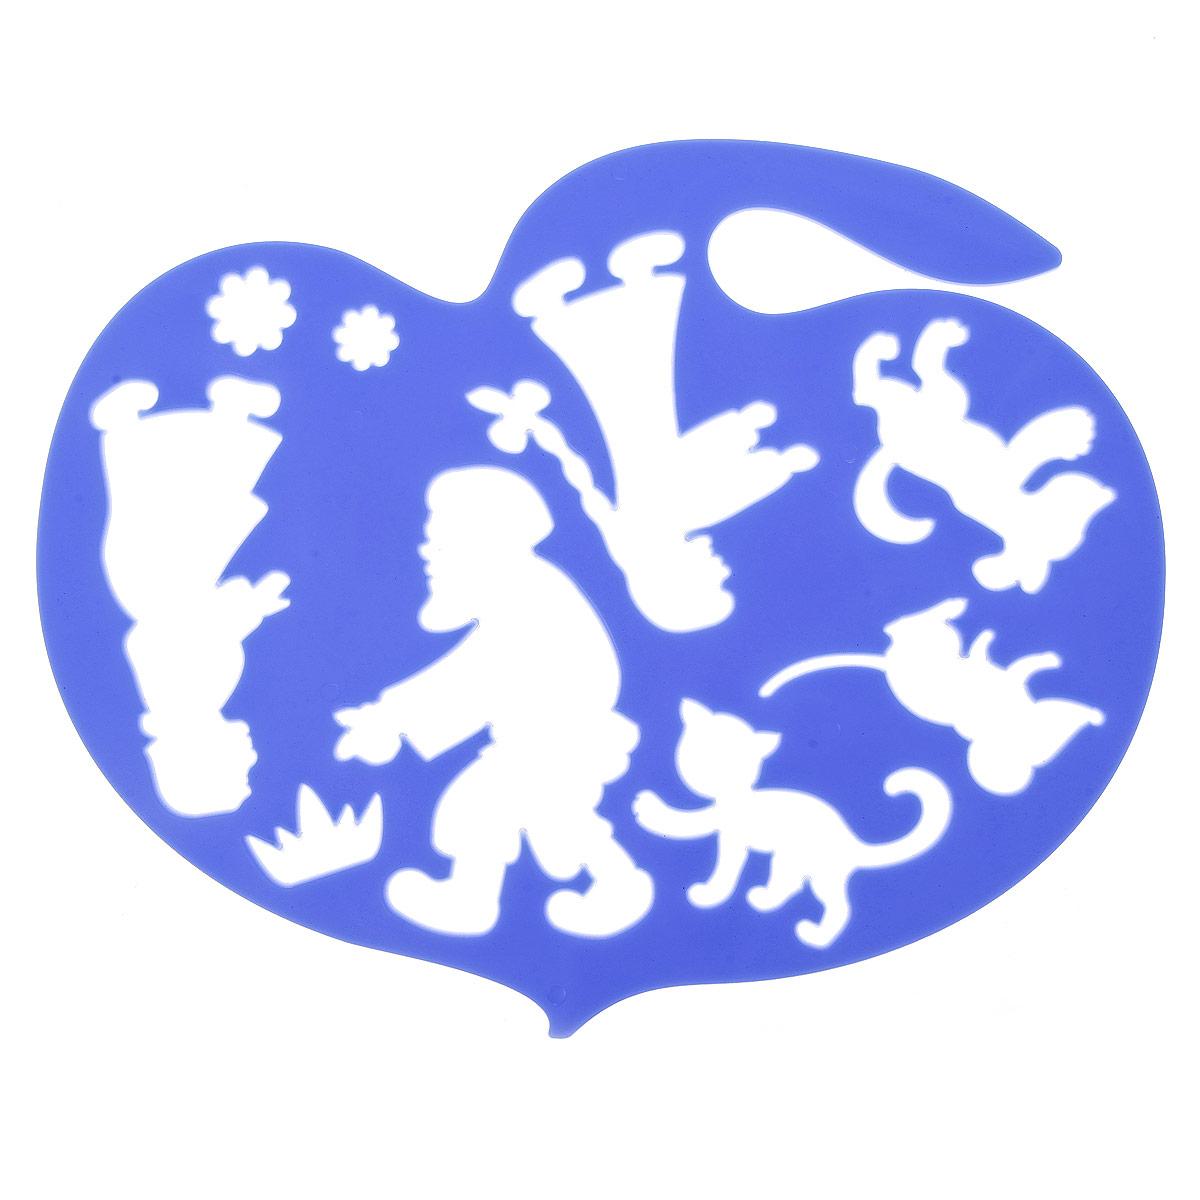 Луч Трафарет фигурный Репка цвет синий20С 1360-08Трафарет фигурный Луч Репка, выполненный из безопасного пластика, предназначен для детского творчества. При помощи этого трафарета ребенок может нарисовать любимых сказочных персонажей. На фигурном трафарете размещены контуры героев сказки Репка. С помощью трафарета можно воссоздать в памяти ребенка прочитанную сказку, нарисовав и раскрасив всех персонажей истории. Трафарет можно использовать для рисования отдельных героев и сюжетов с ними, удобно использовать трафарет для изготовления аппликаций. Трафареты предназначены для развития у детей мелкой моторики и зрительно-двигательной координации, навыков художественной композиции и зрительного восприятия.